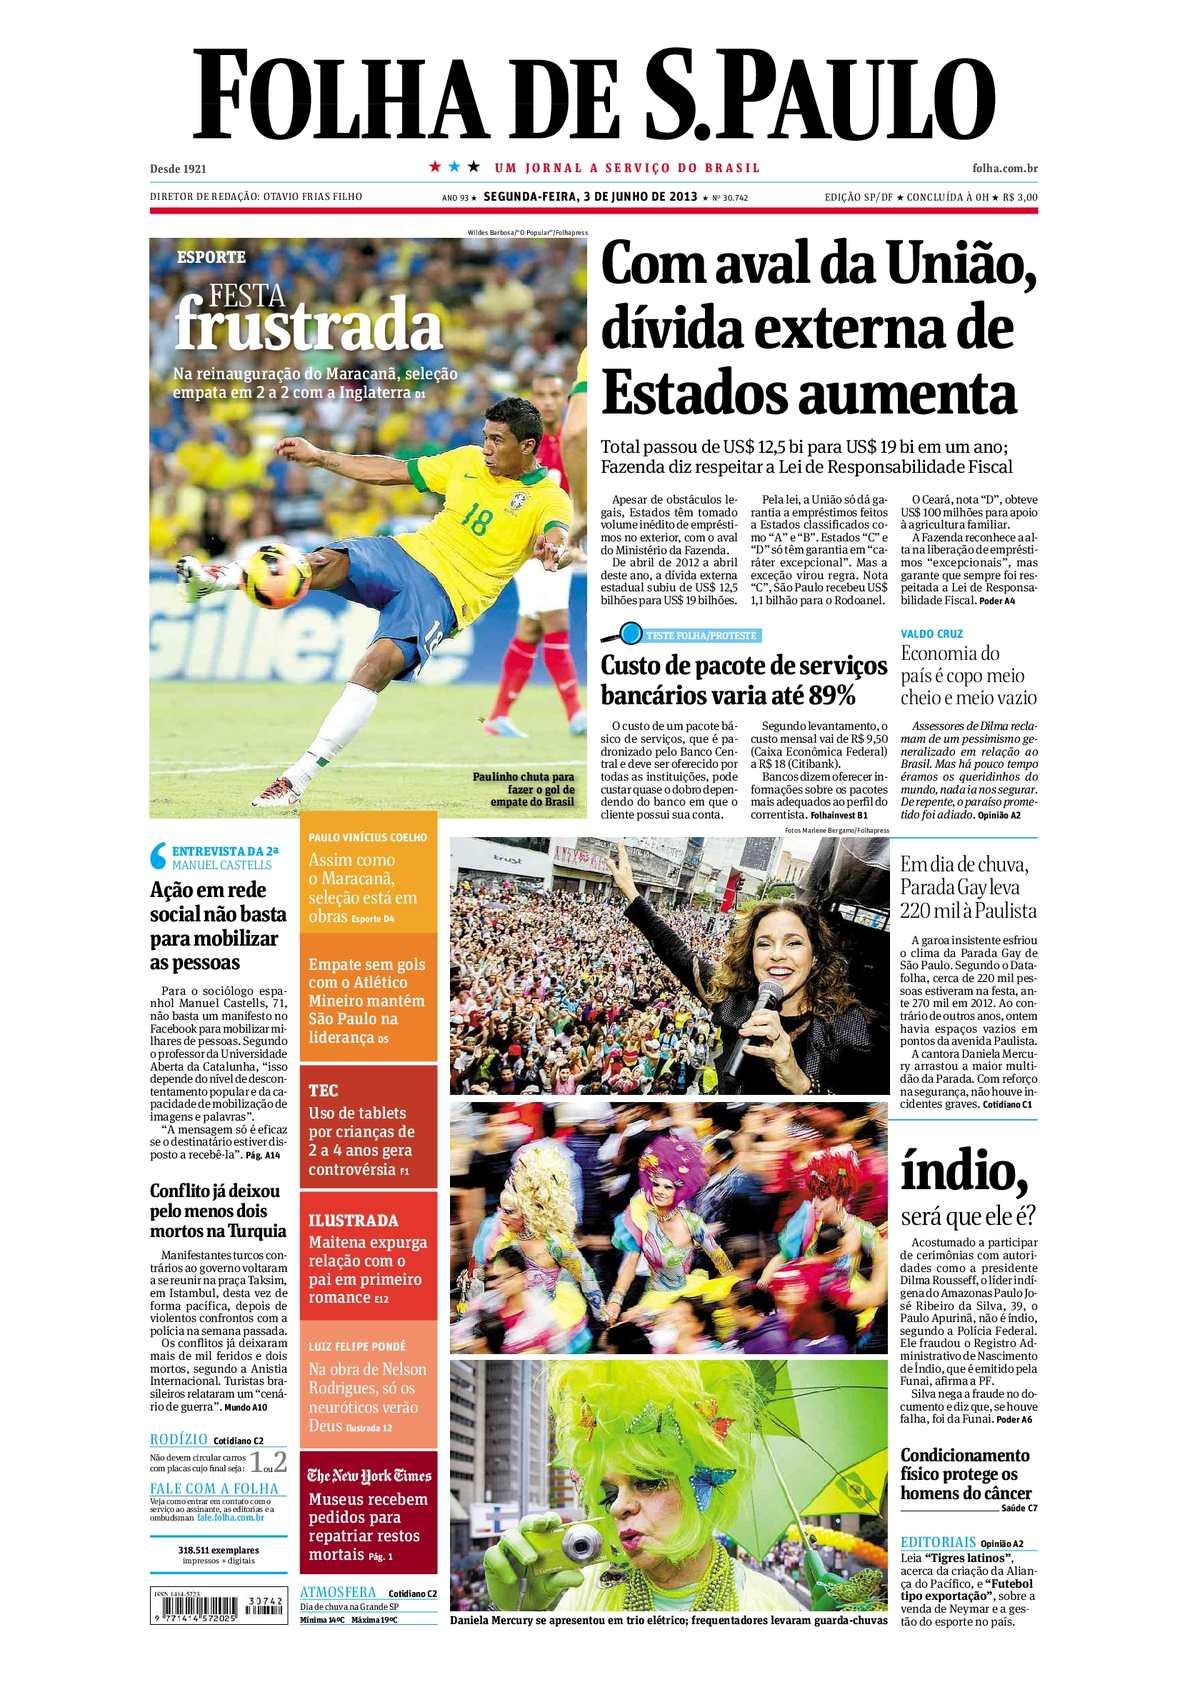 Calaméo - Folha de São Paulo 03-06-2013 7c9aab4da7